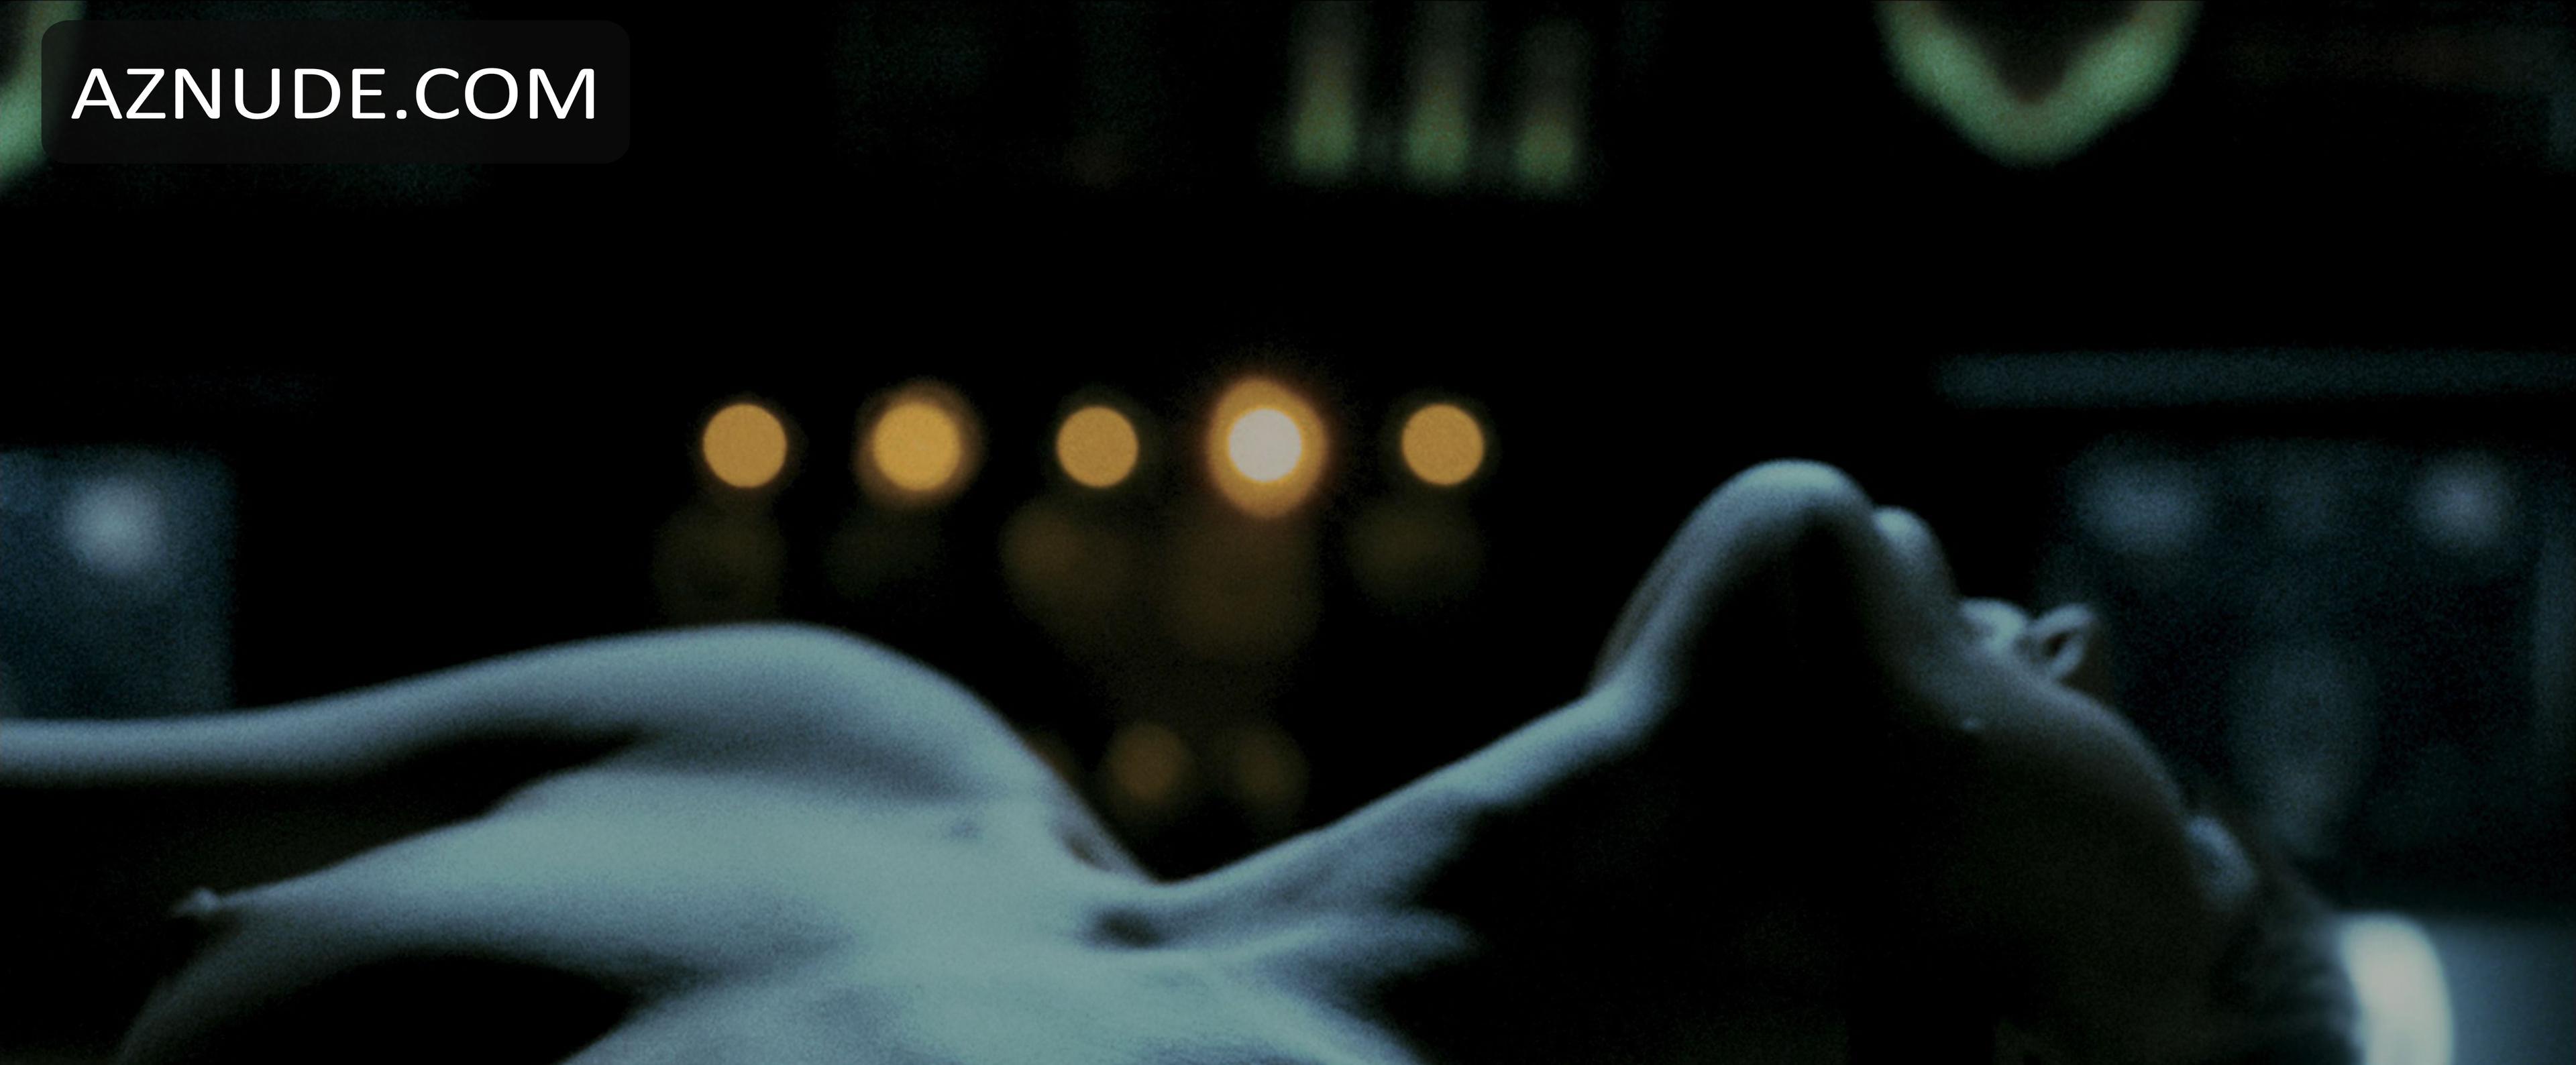 Watchmen Nude Scenes - Aznude-7215